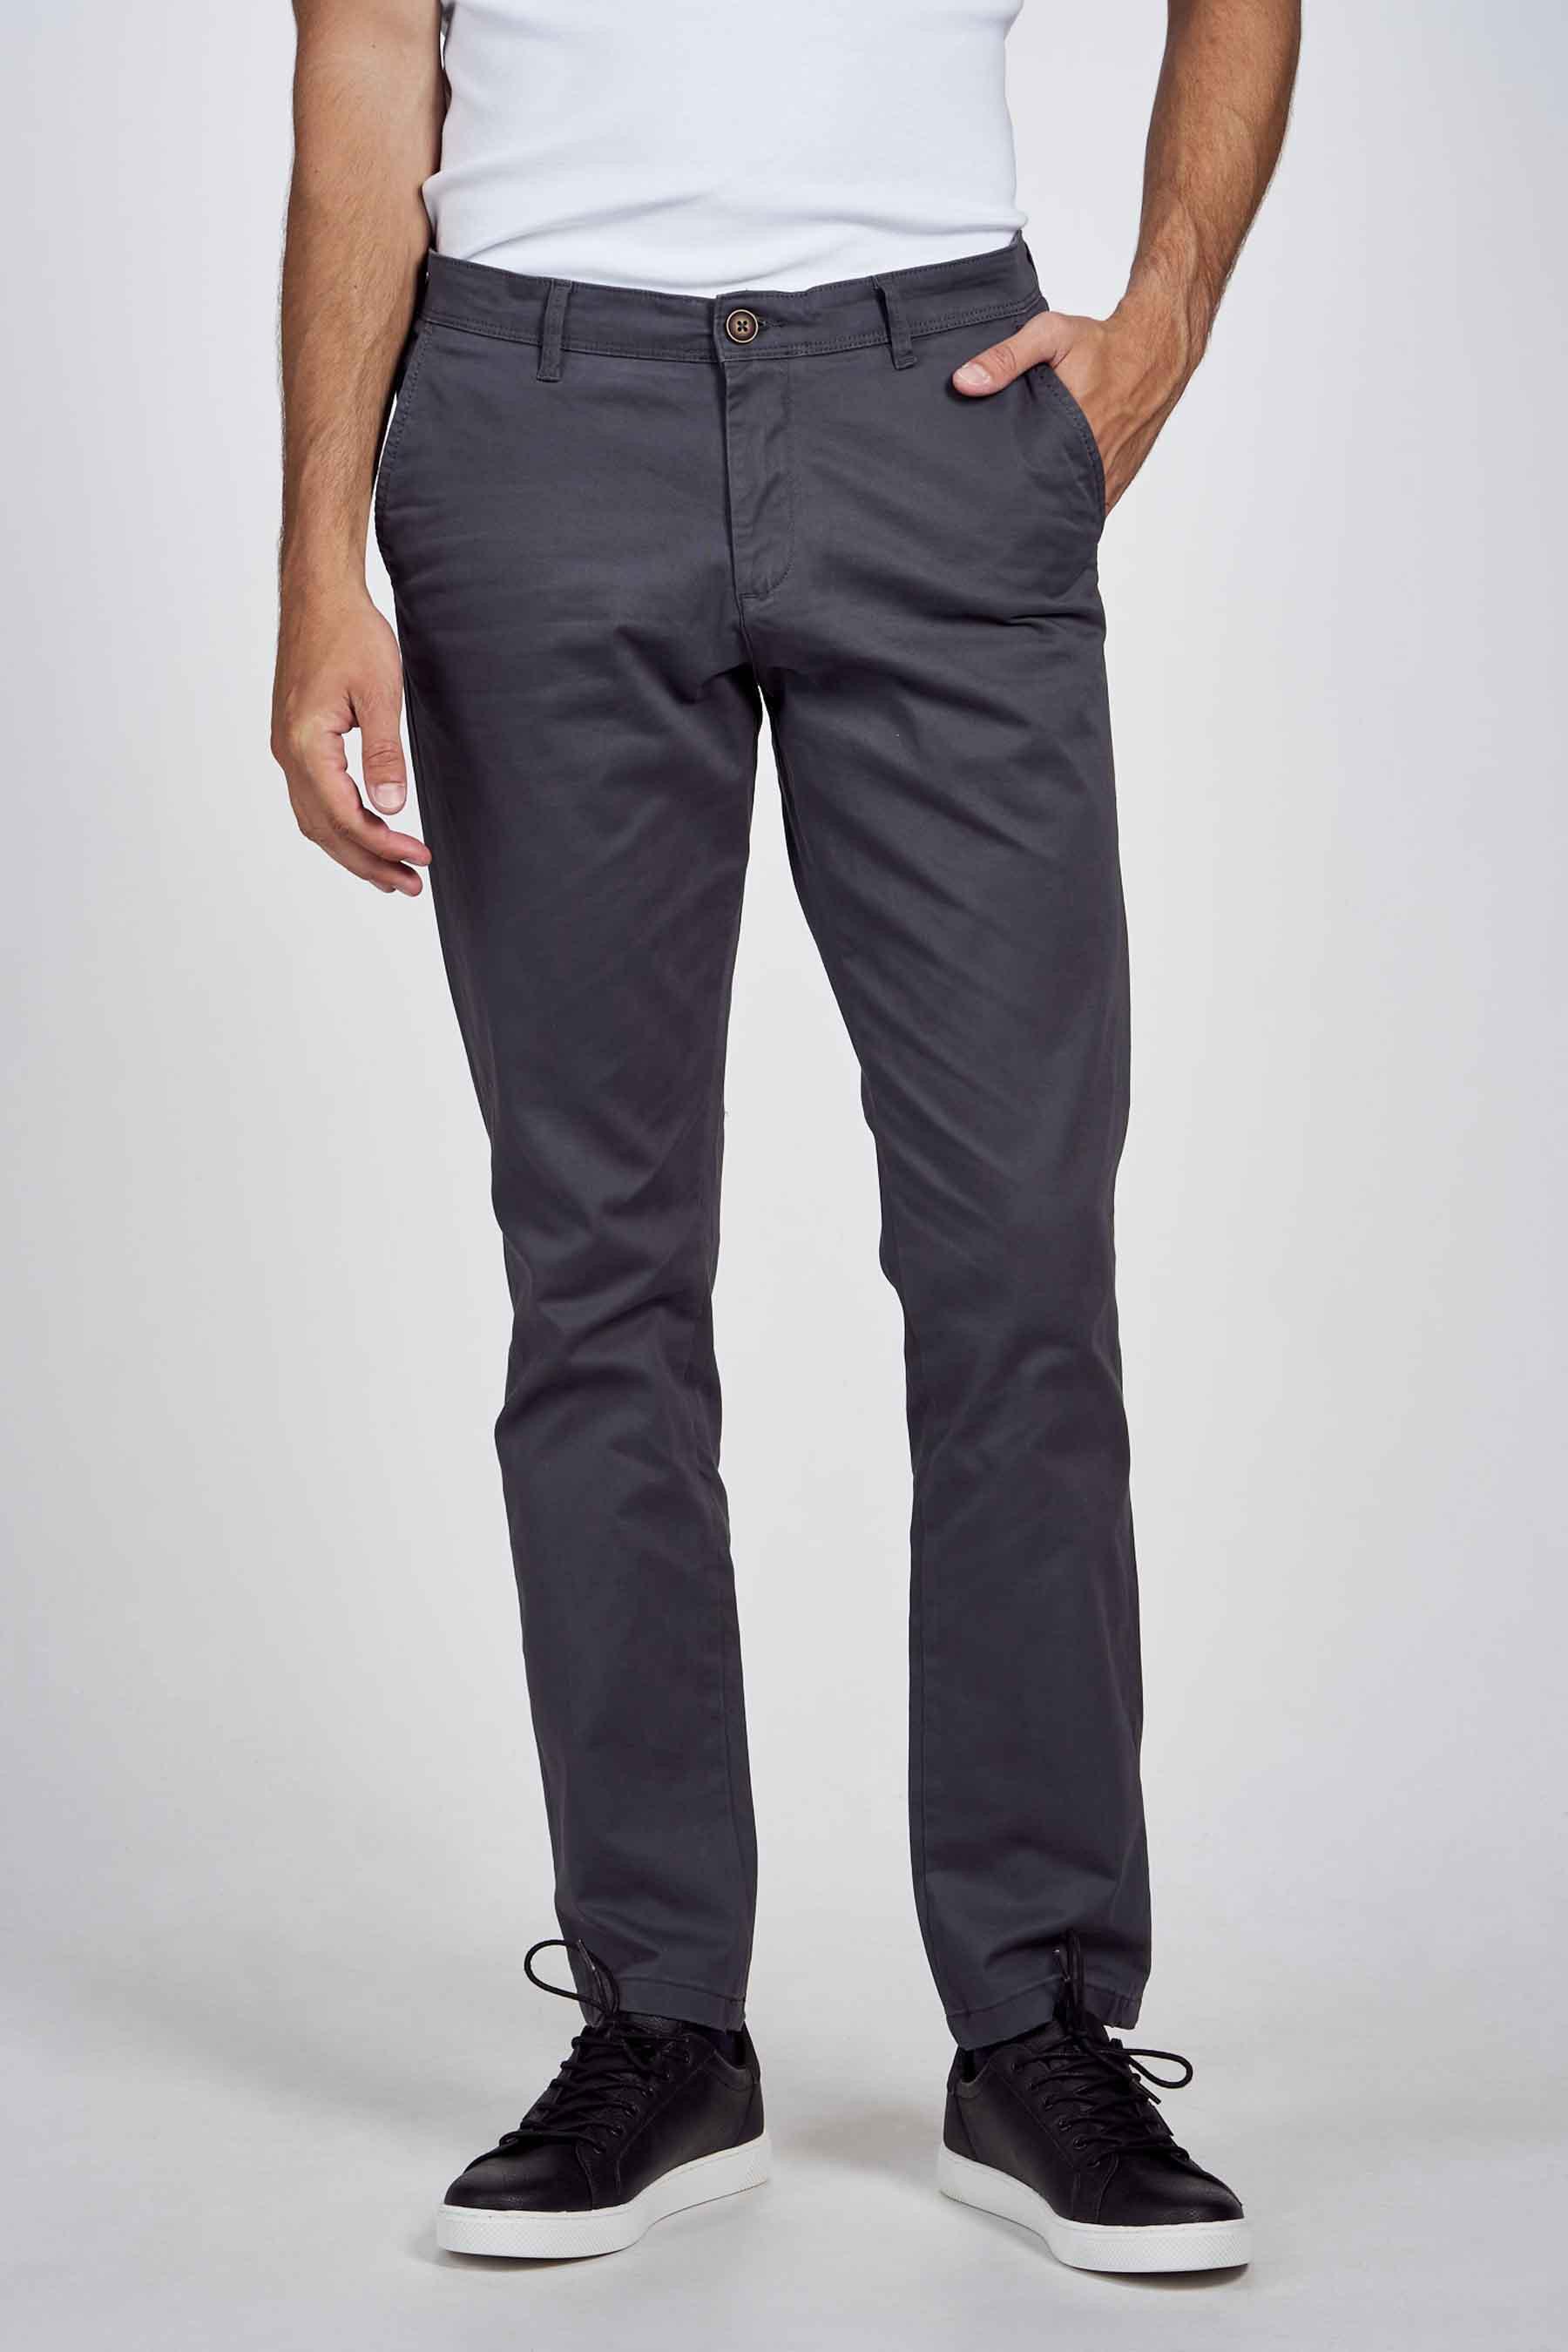 Jack & Jones Jeans Intelligenc Chino, Grijs, Heren, Maat: 27x32/28x32/28x34/29x3